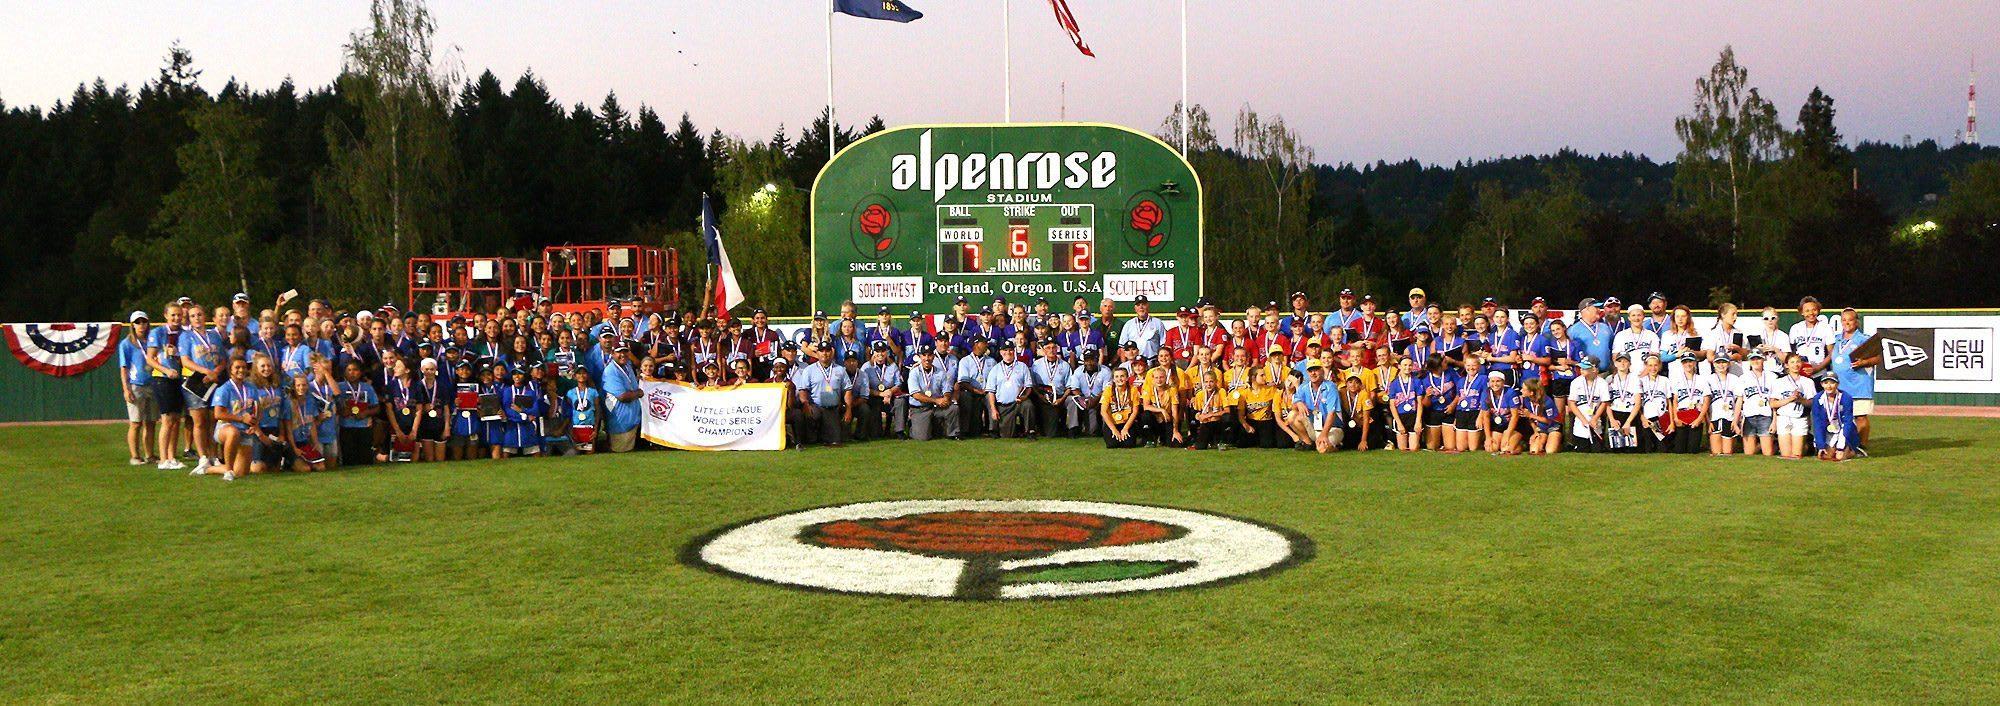 Little League Softball World Series Little League